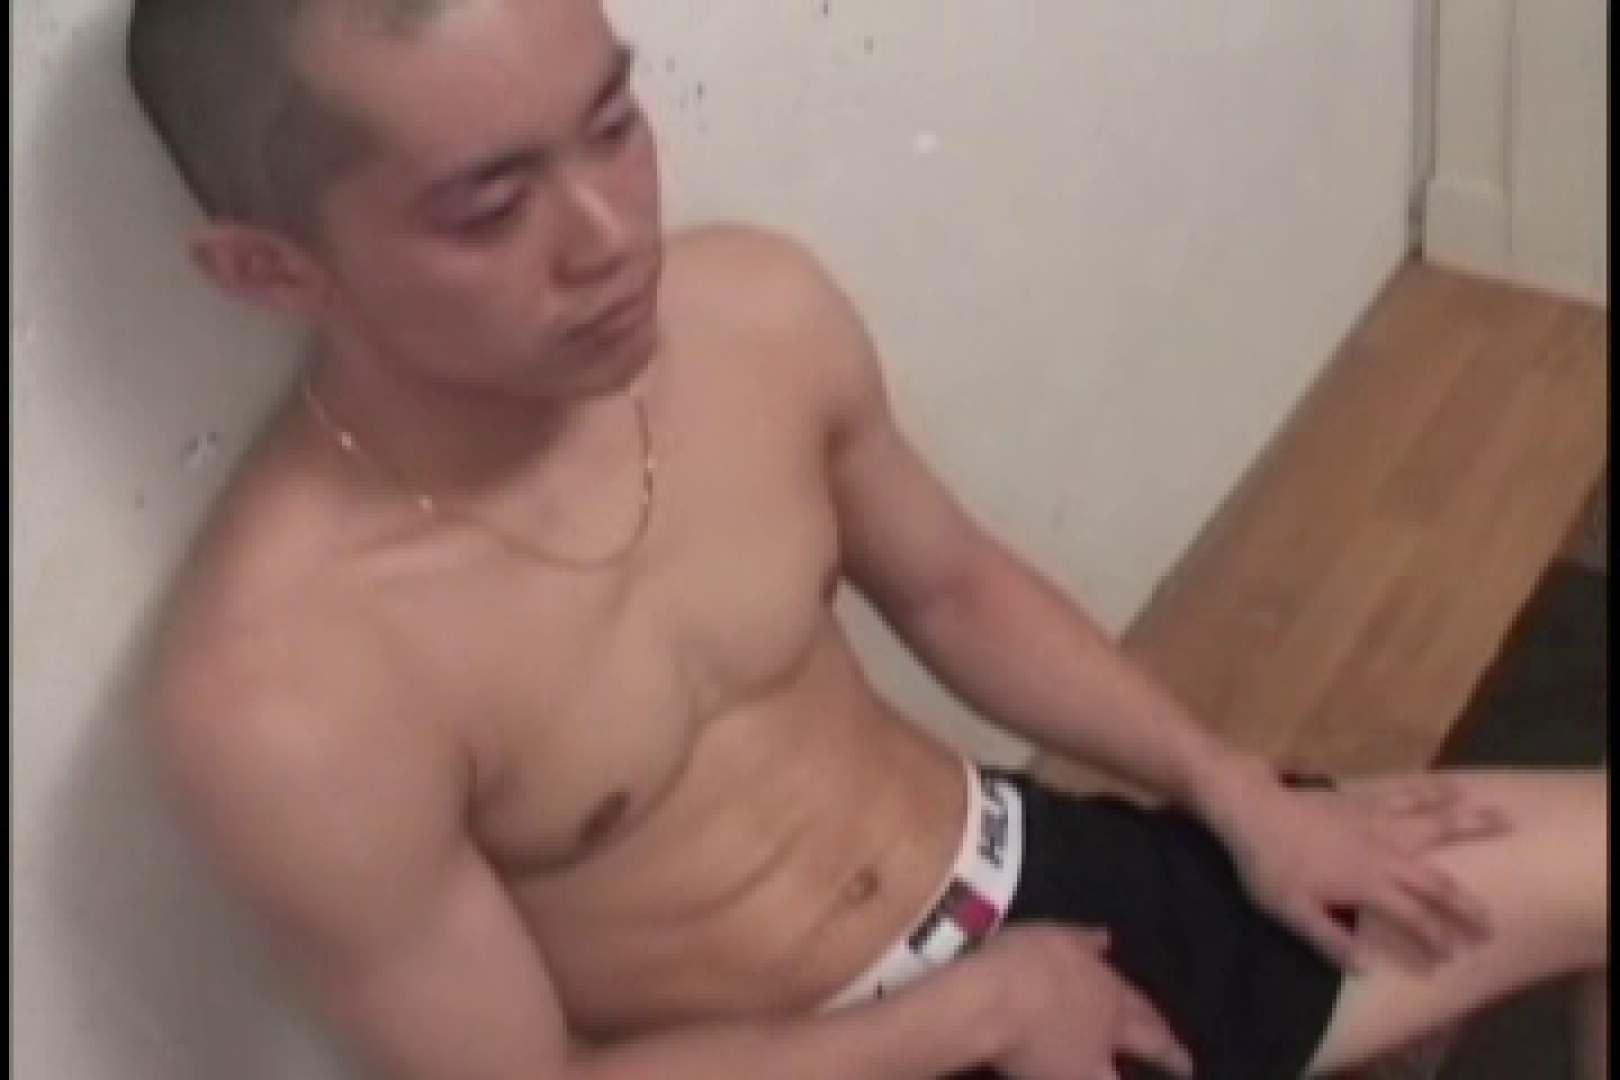 スリ筋!!スポメンのDANKON最高!!take.02 フェラシーン | オナニー専門男子  53画像 1